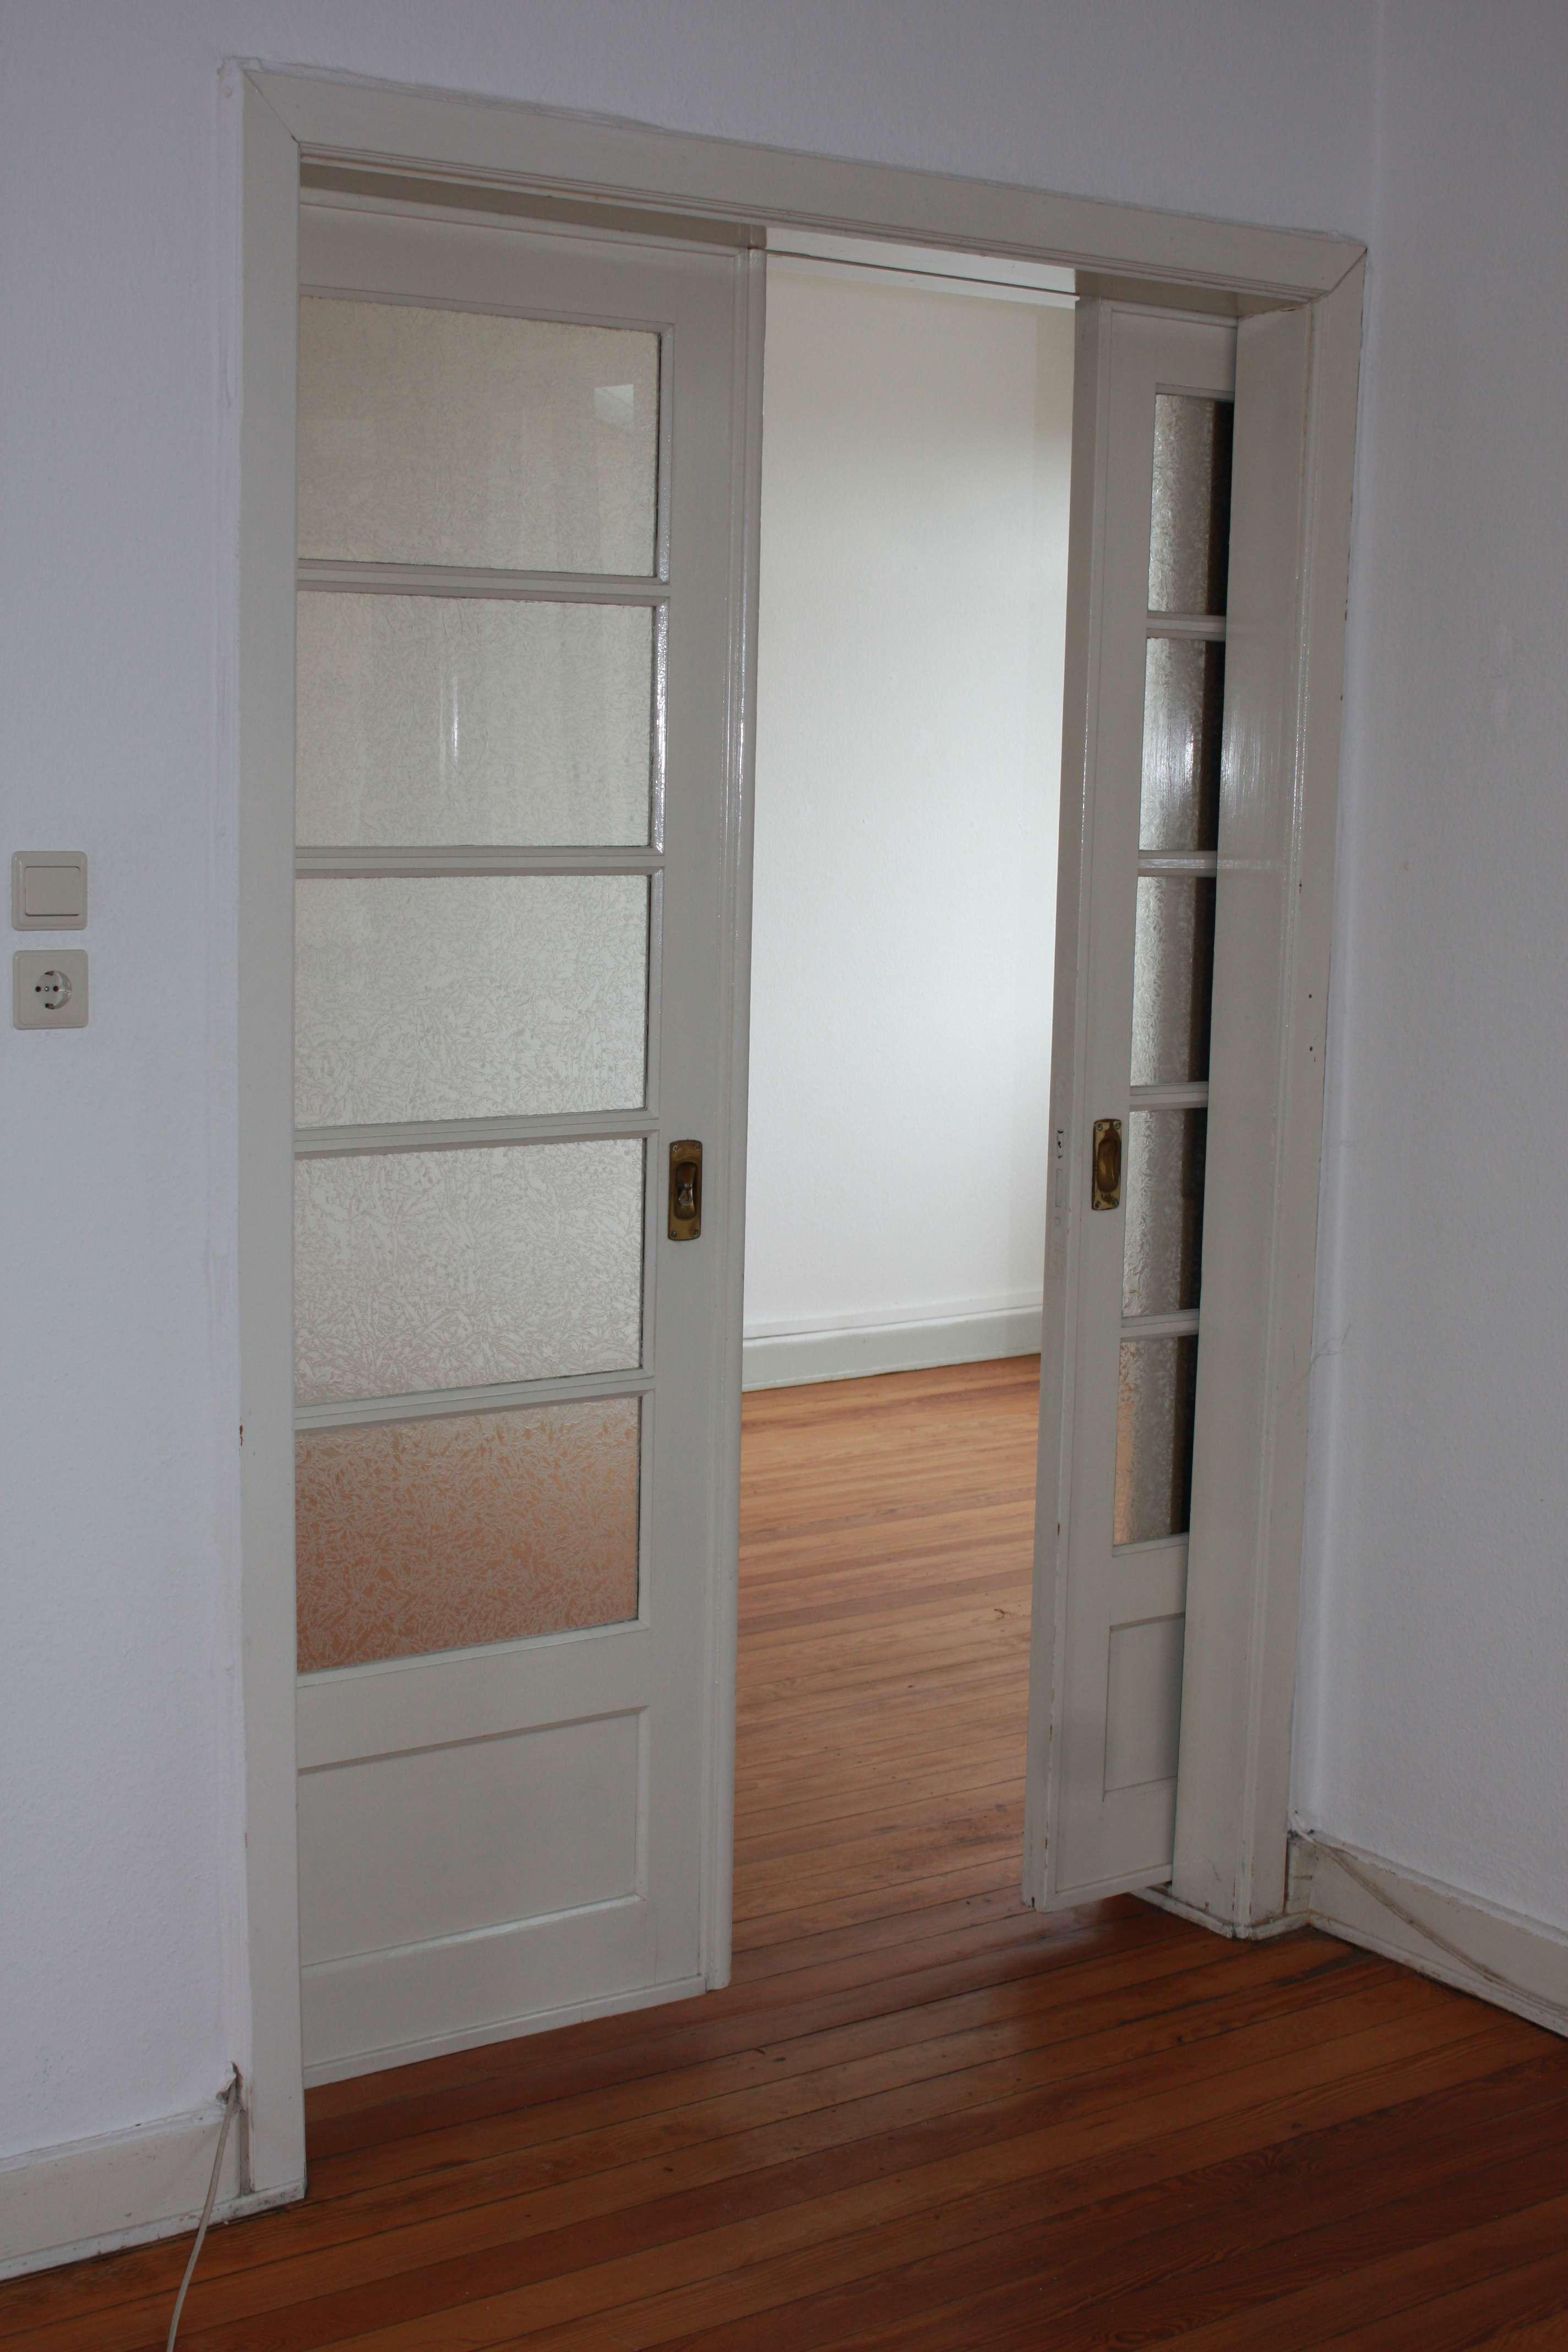 wohnung 4 ogl. Black Bedroom Furniture Sets. Home Design Ideas